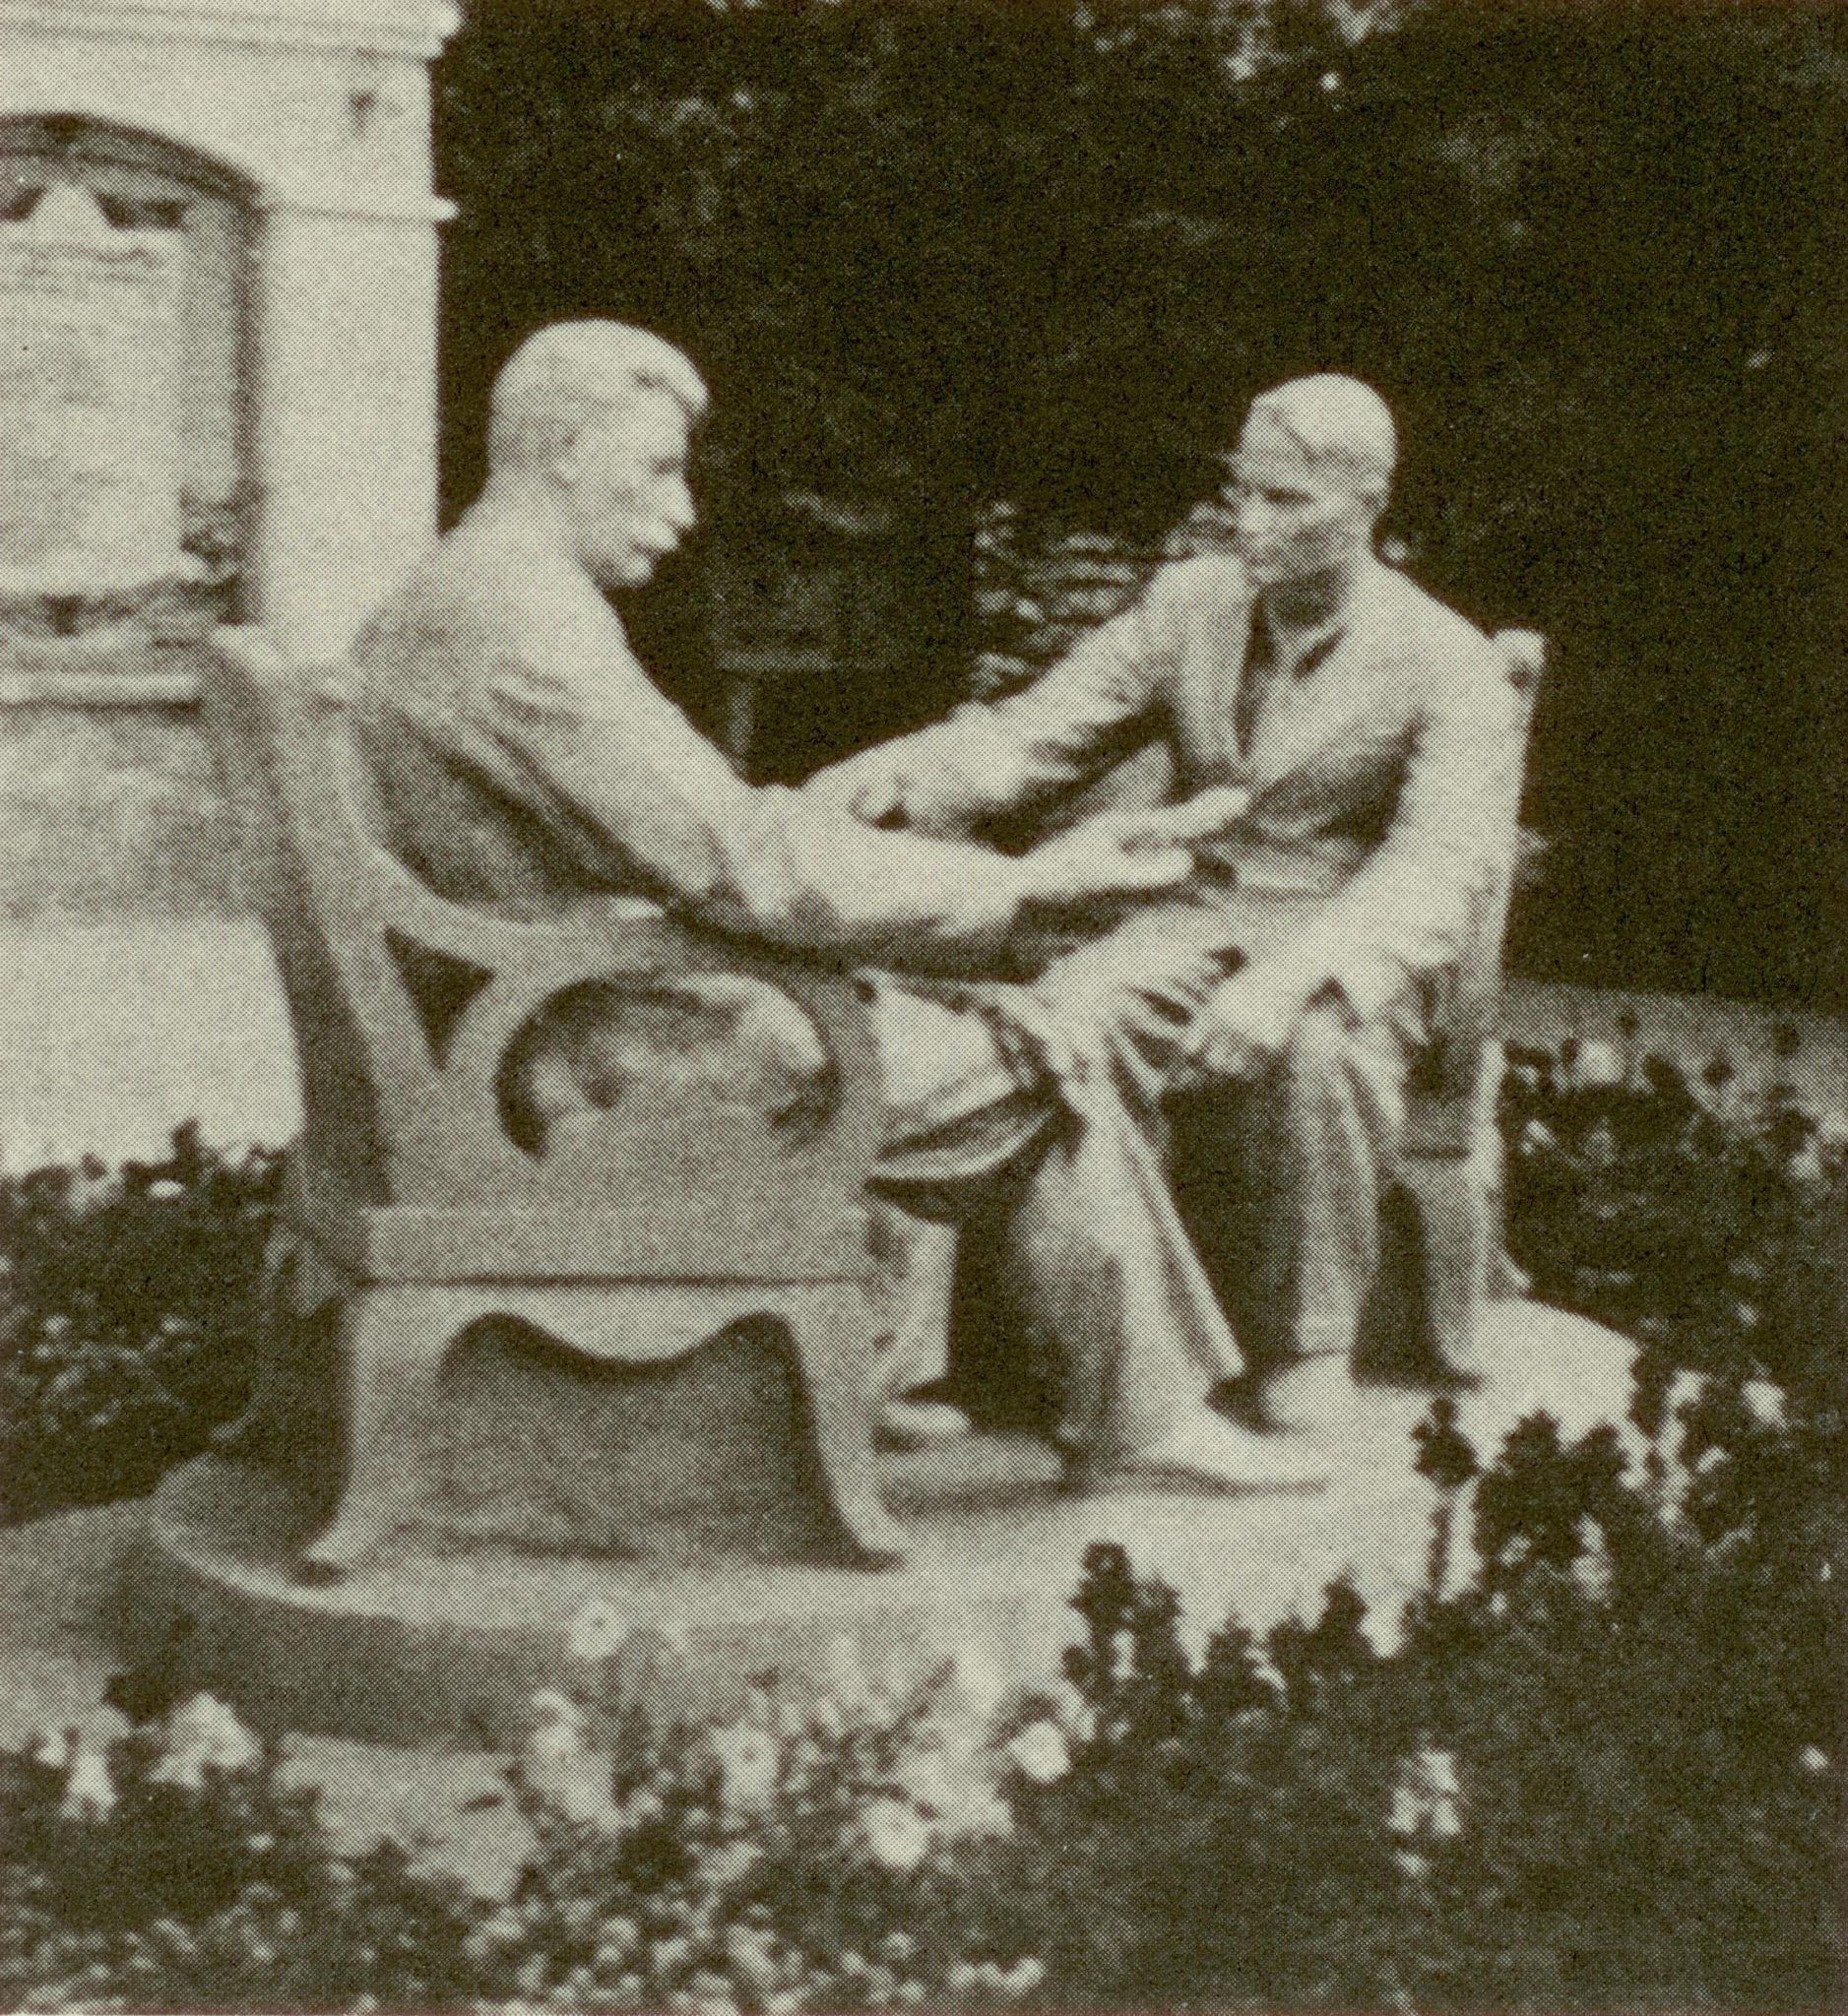 Скульптурная группа: Сталин и Лысенко